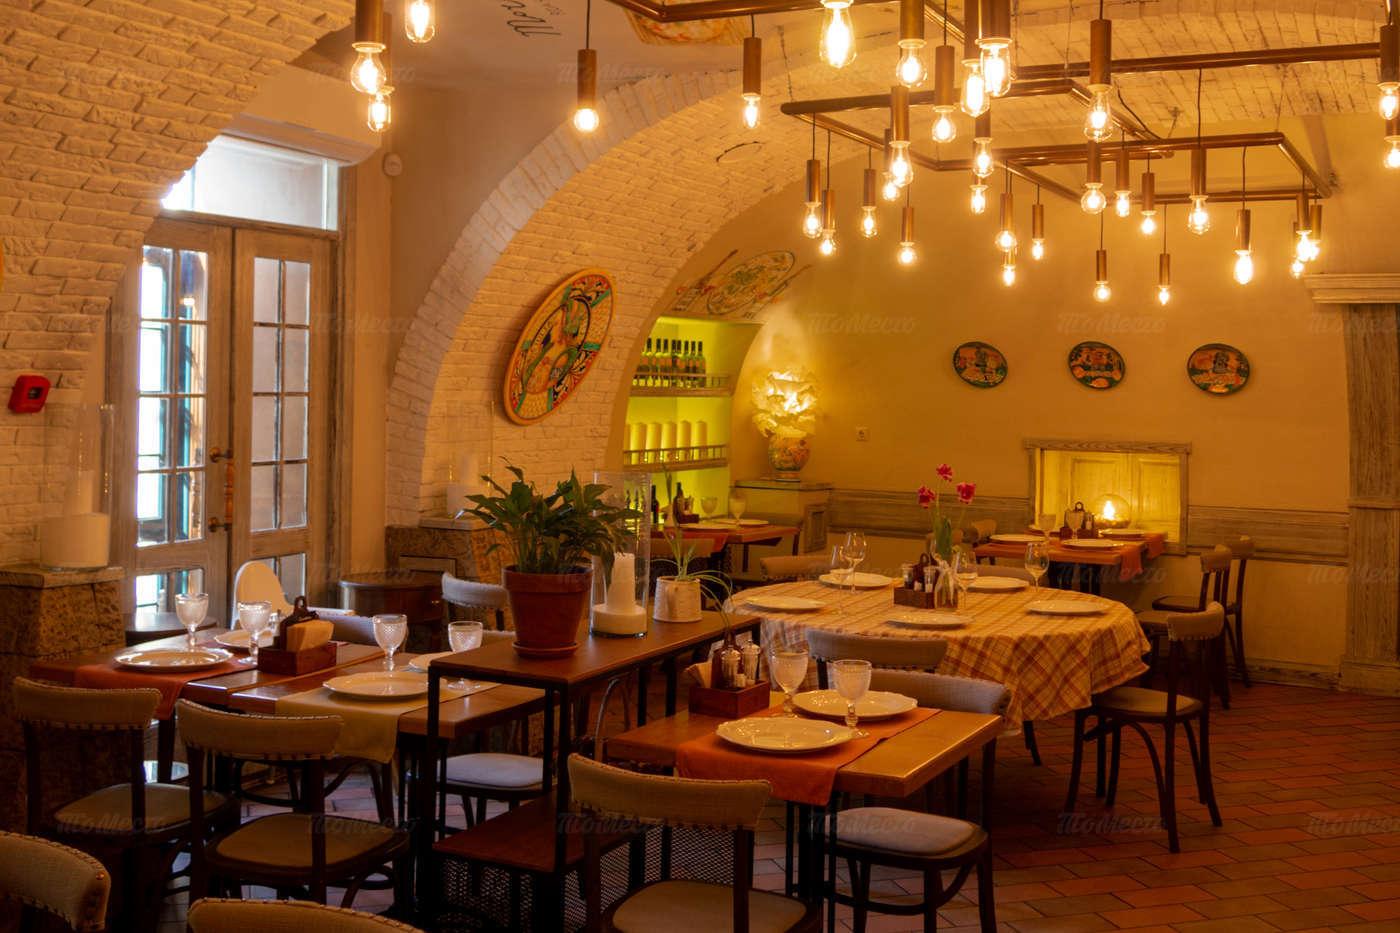 Ресторан Роберто (бывш. La Cantinetta da Roberto) на Рождественской улице фото 6